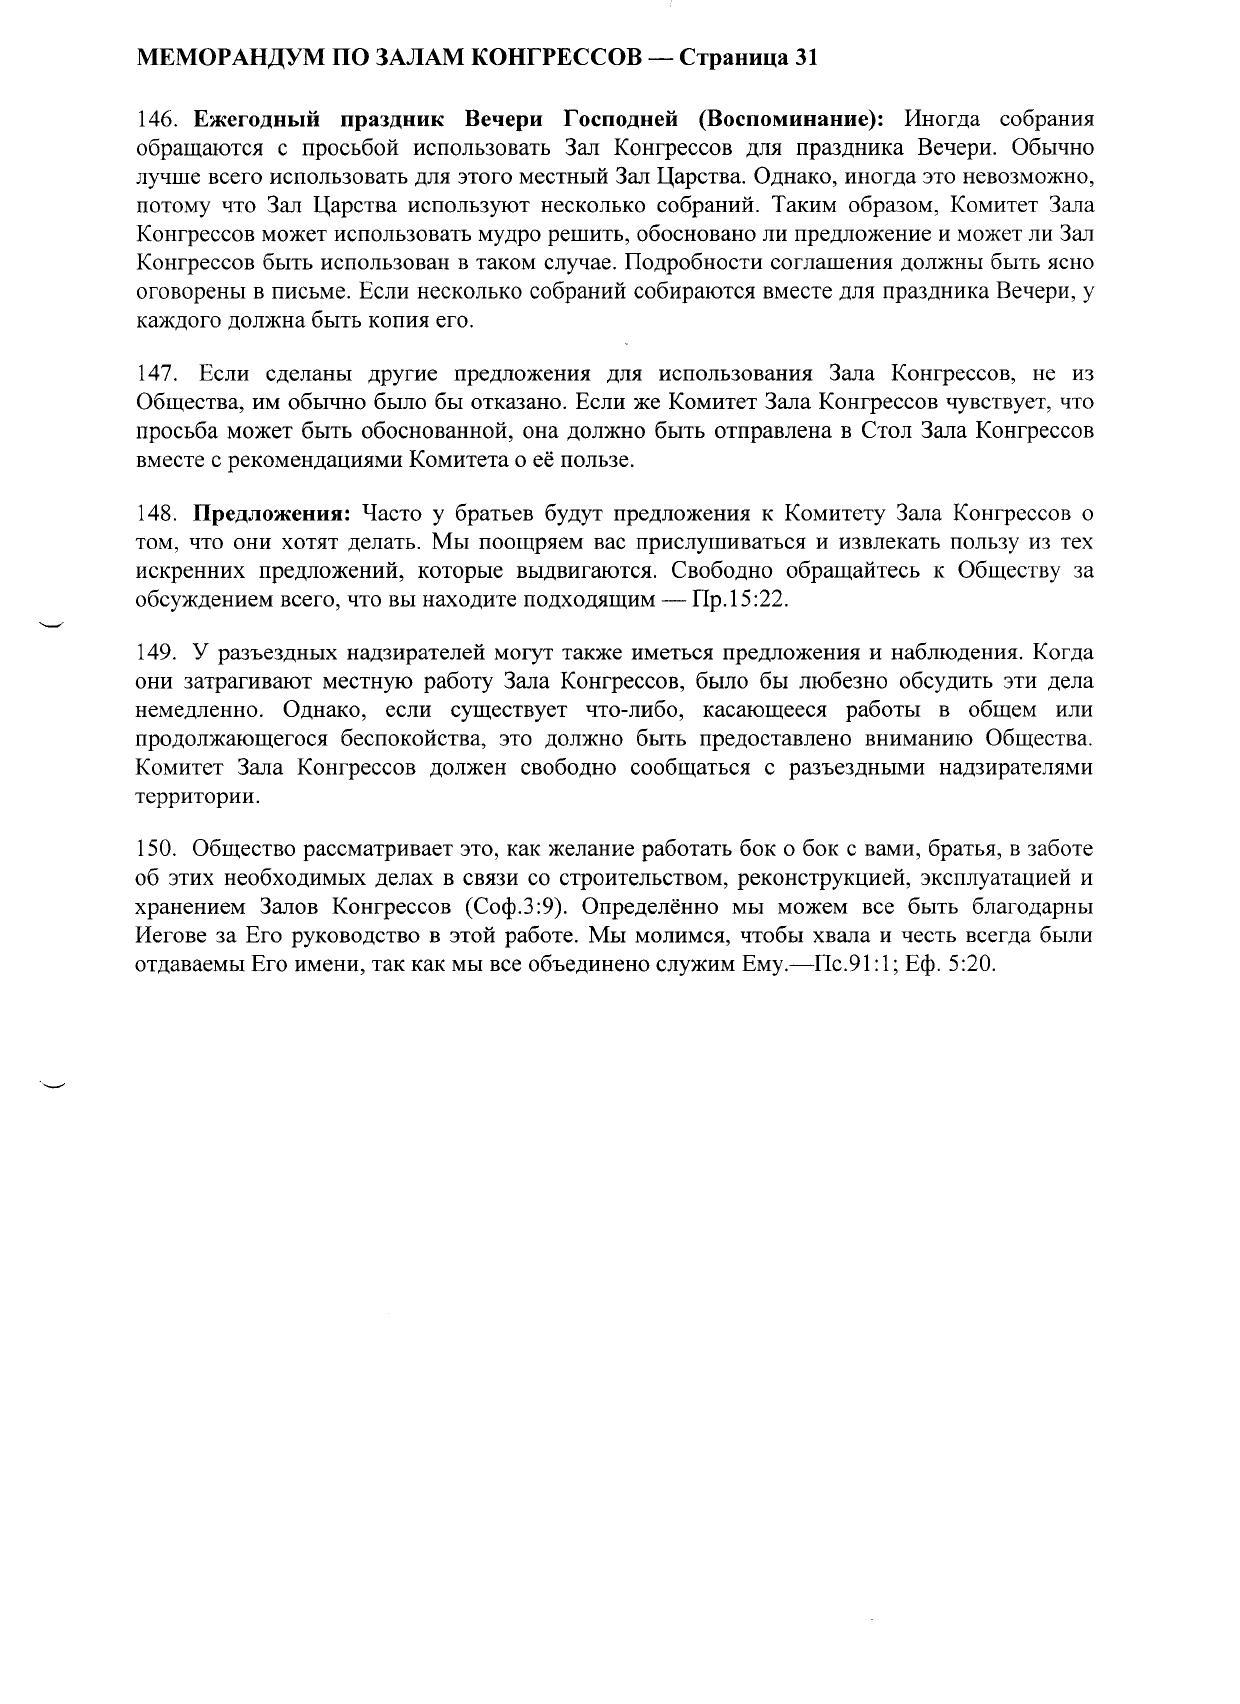 Меморандум по Залам Конгрессов (1997.06.01)_000032